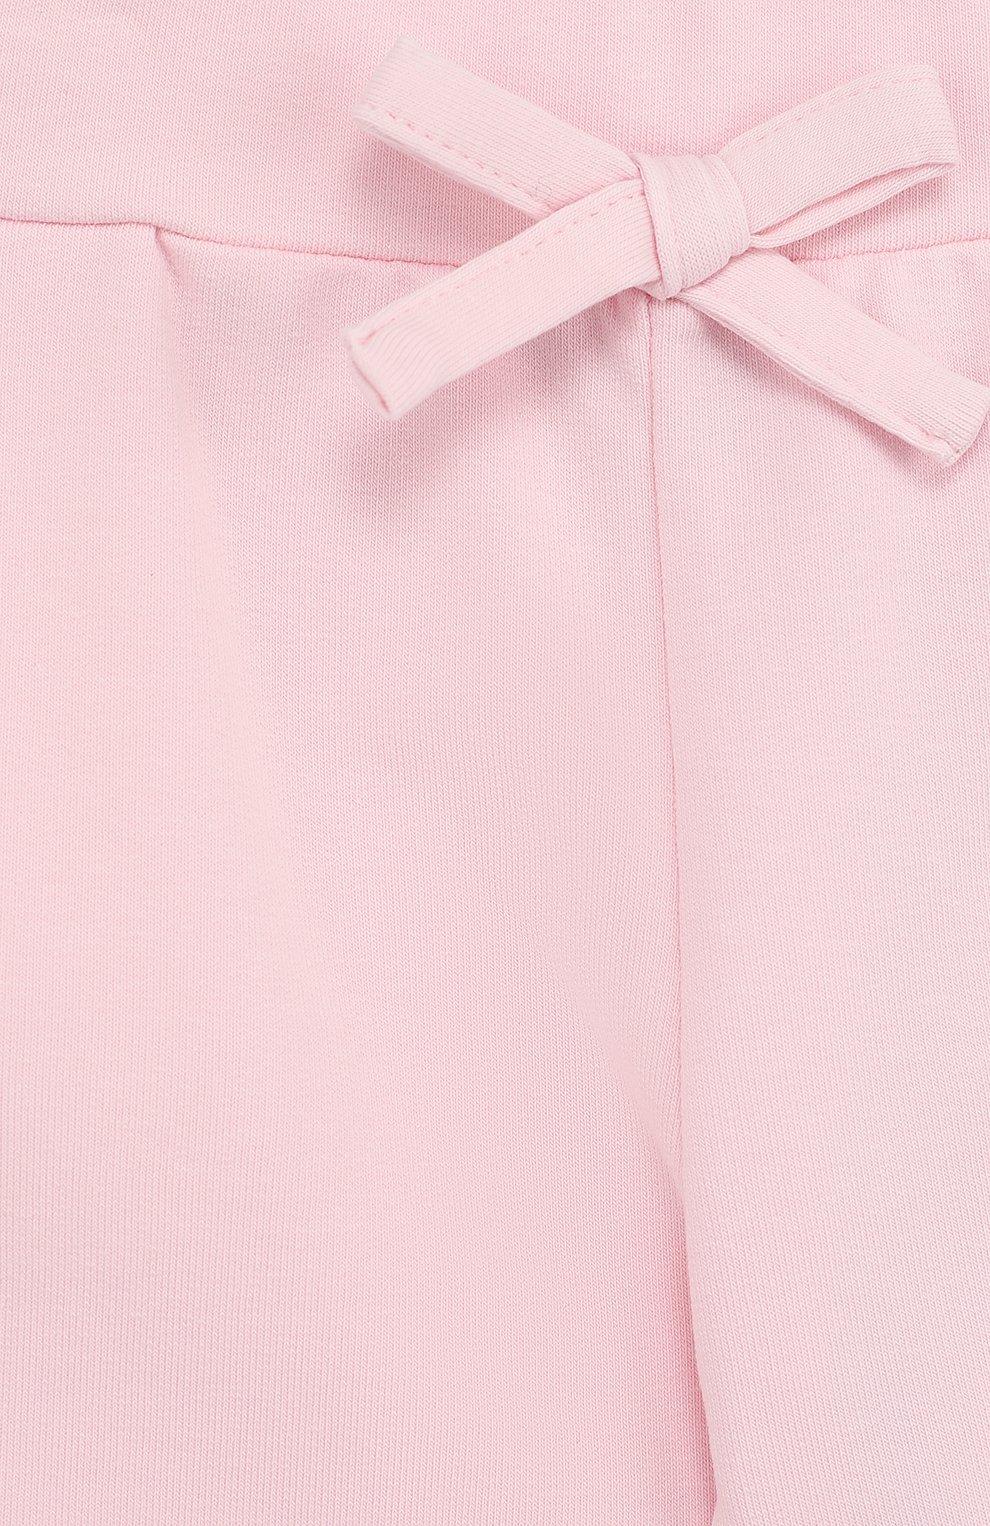 Хлопковые брюки с поясом на кулиске | Фото №3